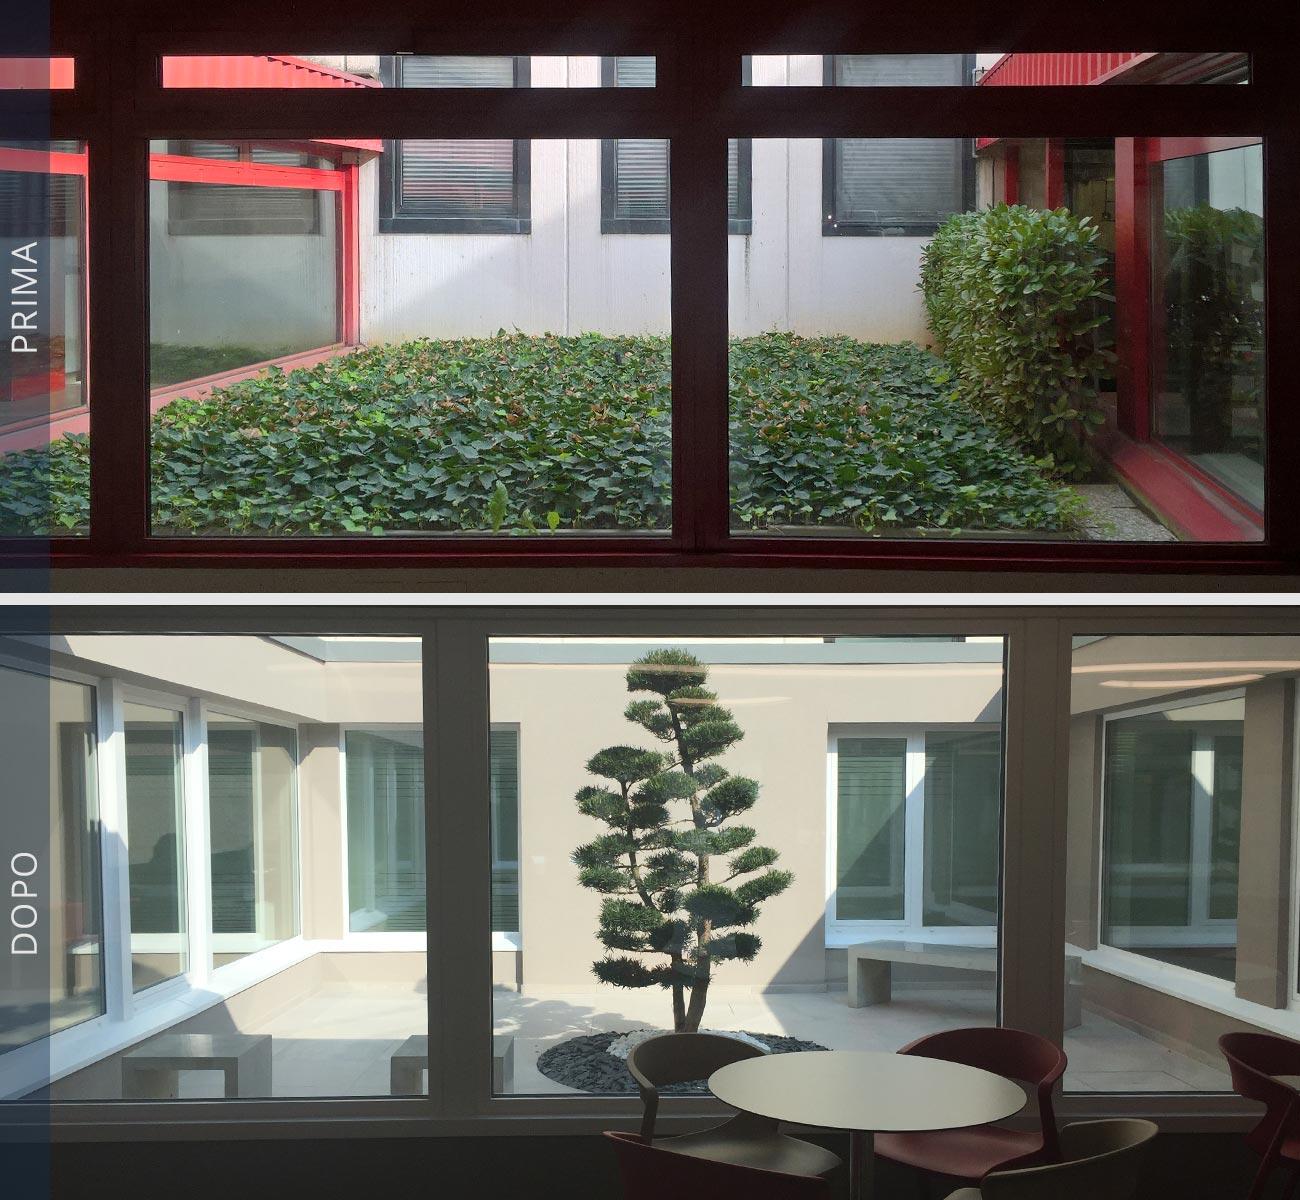 mensa-selice-cefla-imola_studio-tb-progettazione-architettonica-03